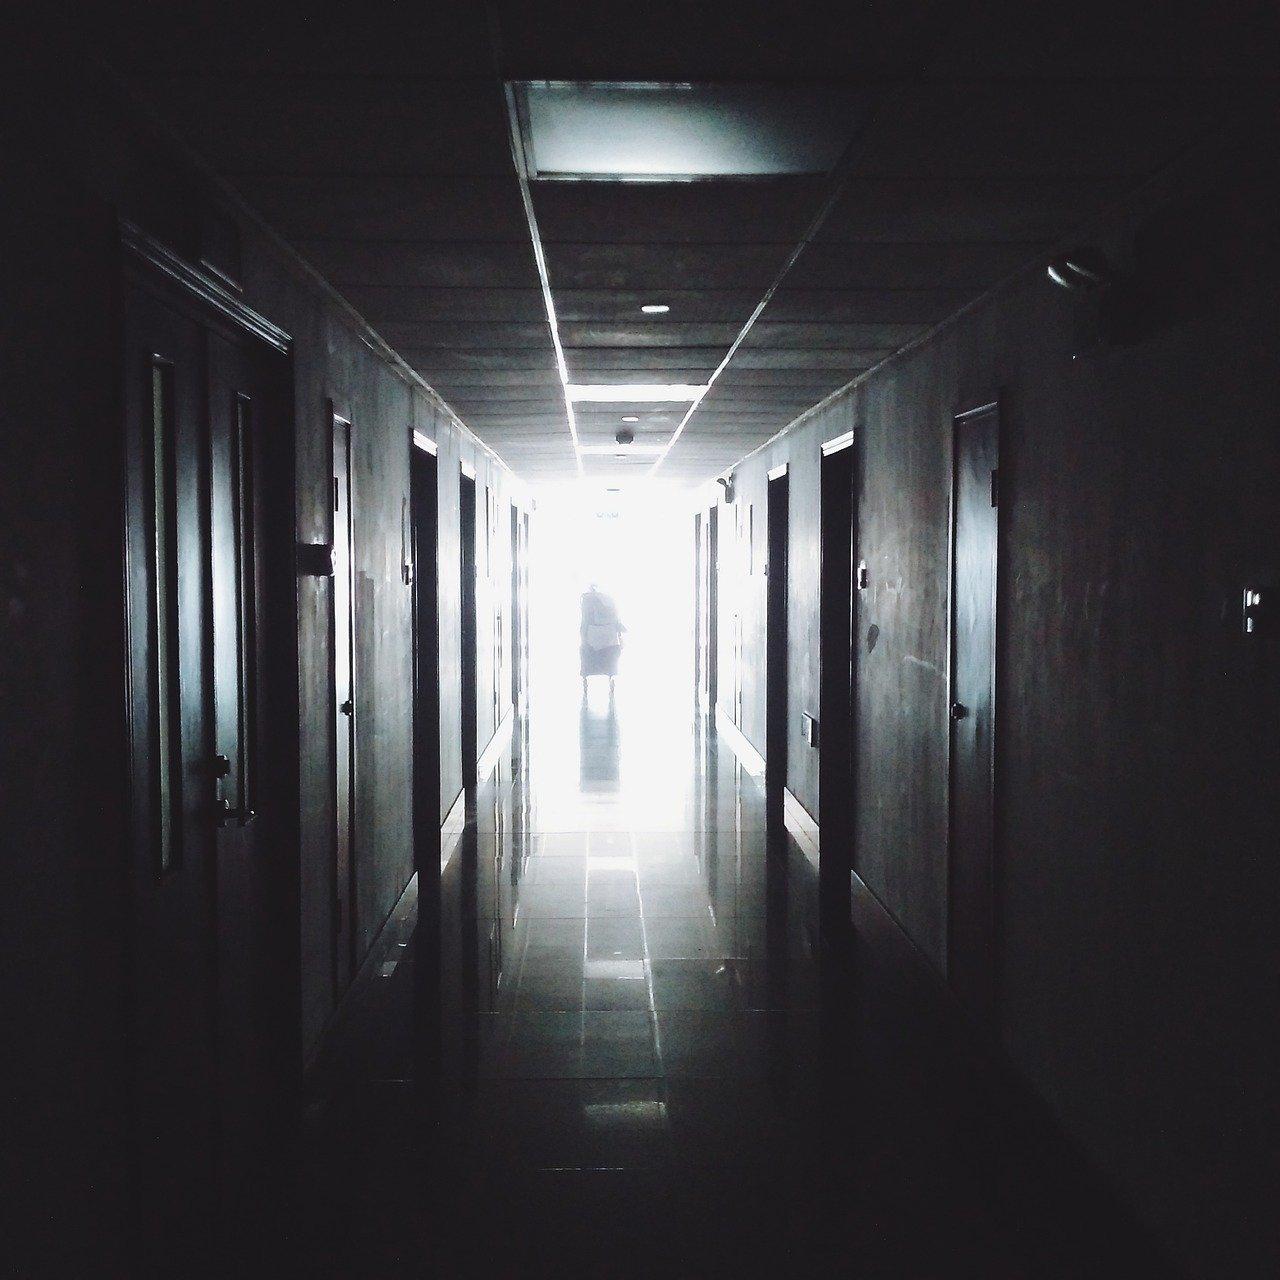 Struttura sanitaria chiusa